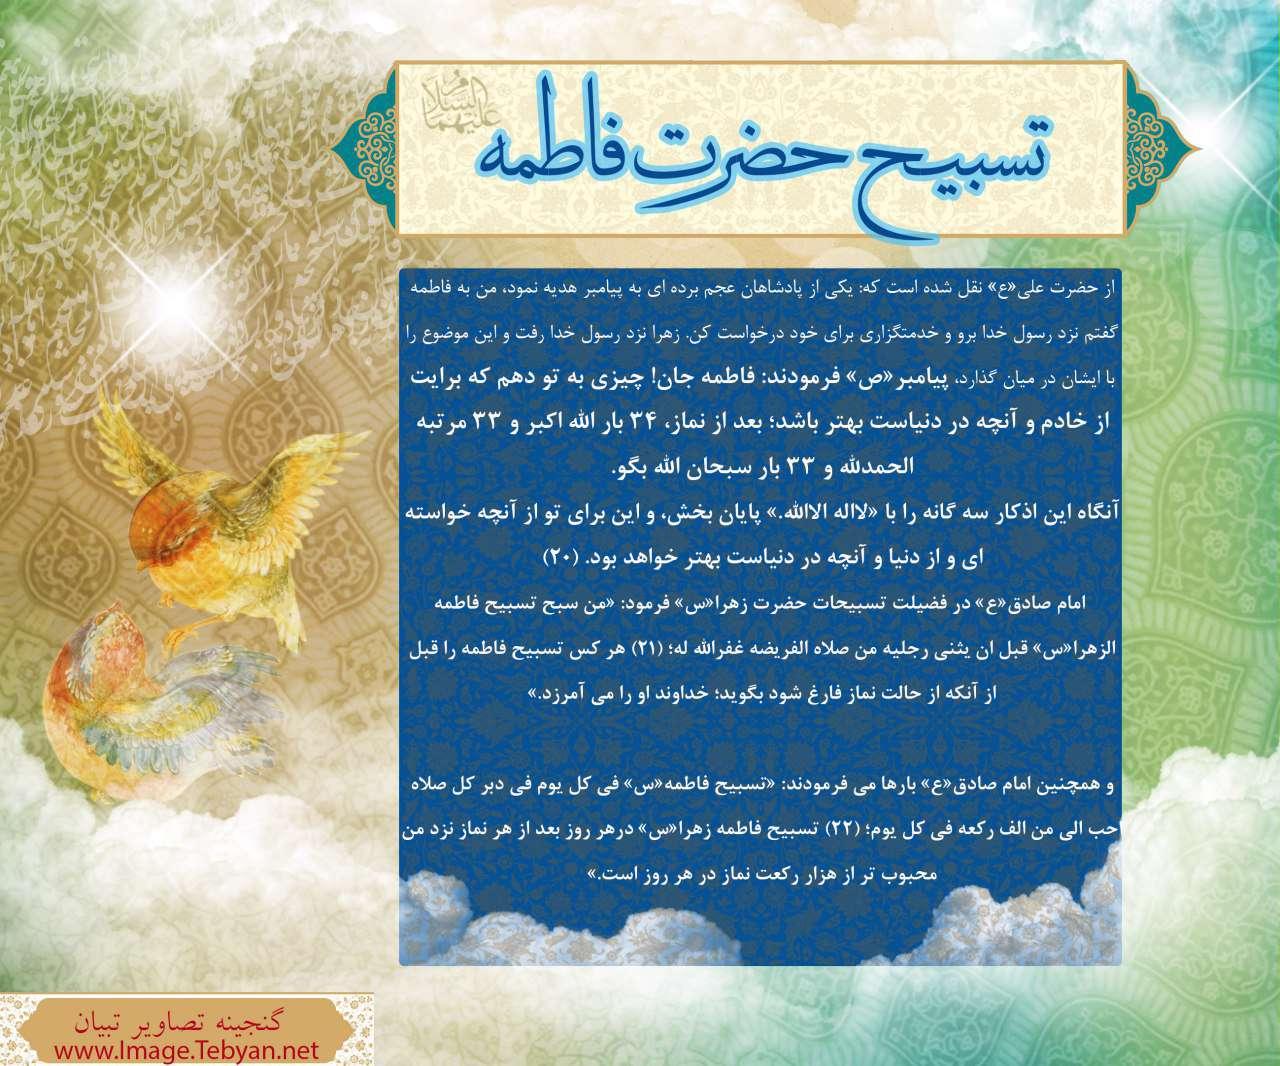 تسبیحات حضرت زهرا سلام الله علیها